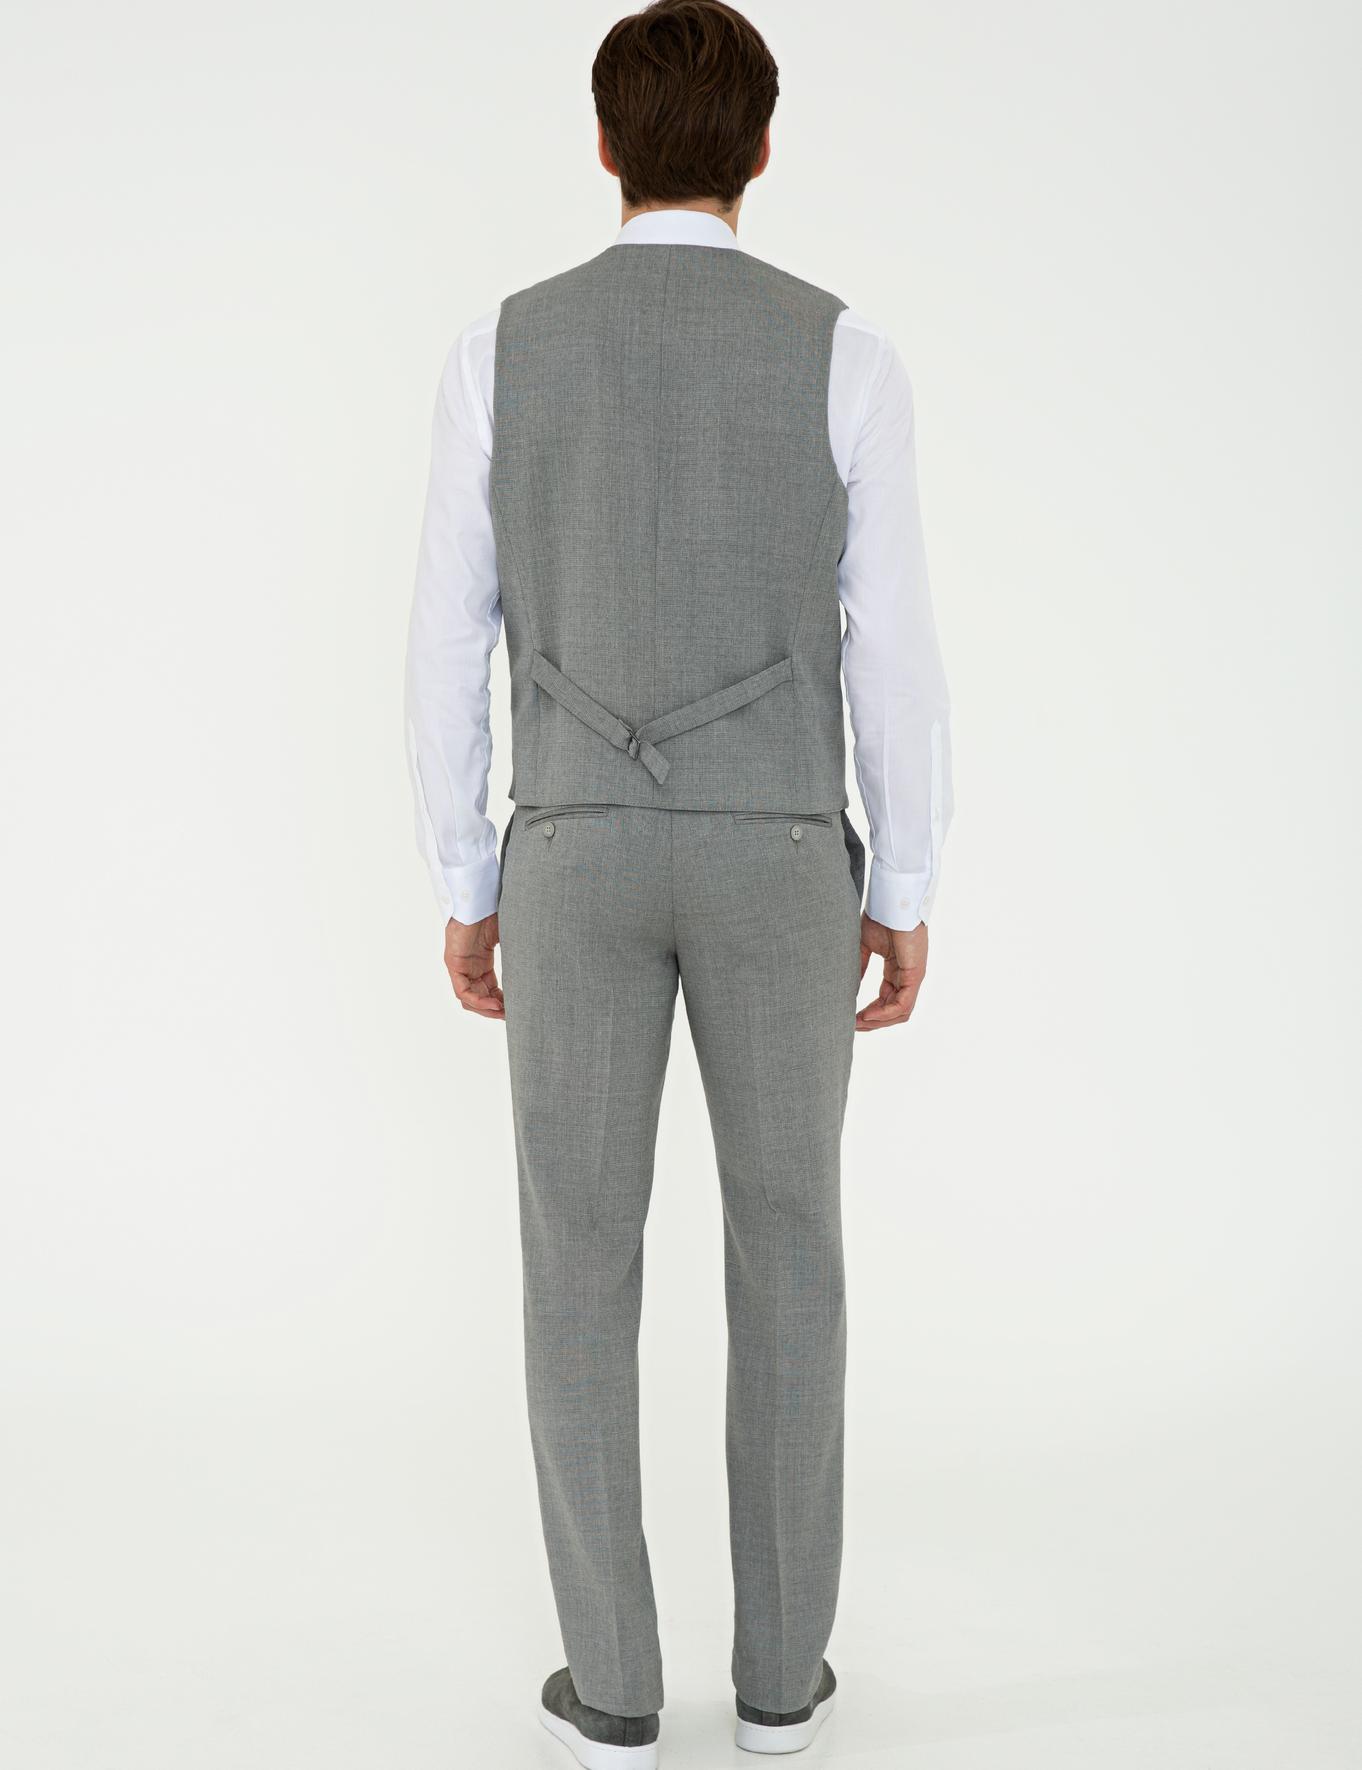 Gri Slim Fit Pantolon - 50235732005